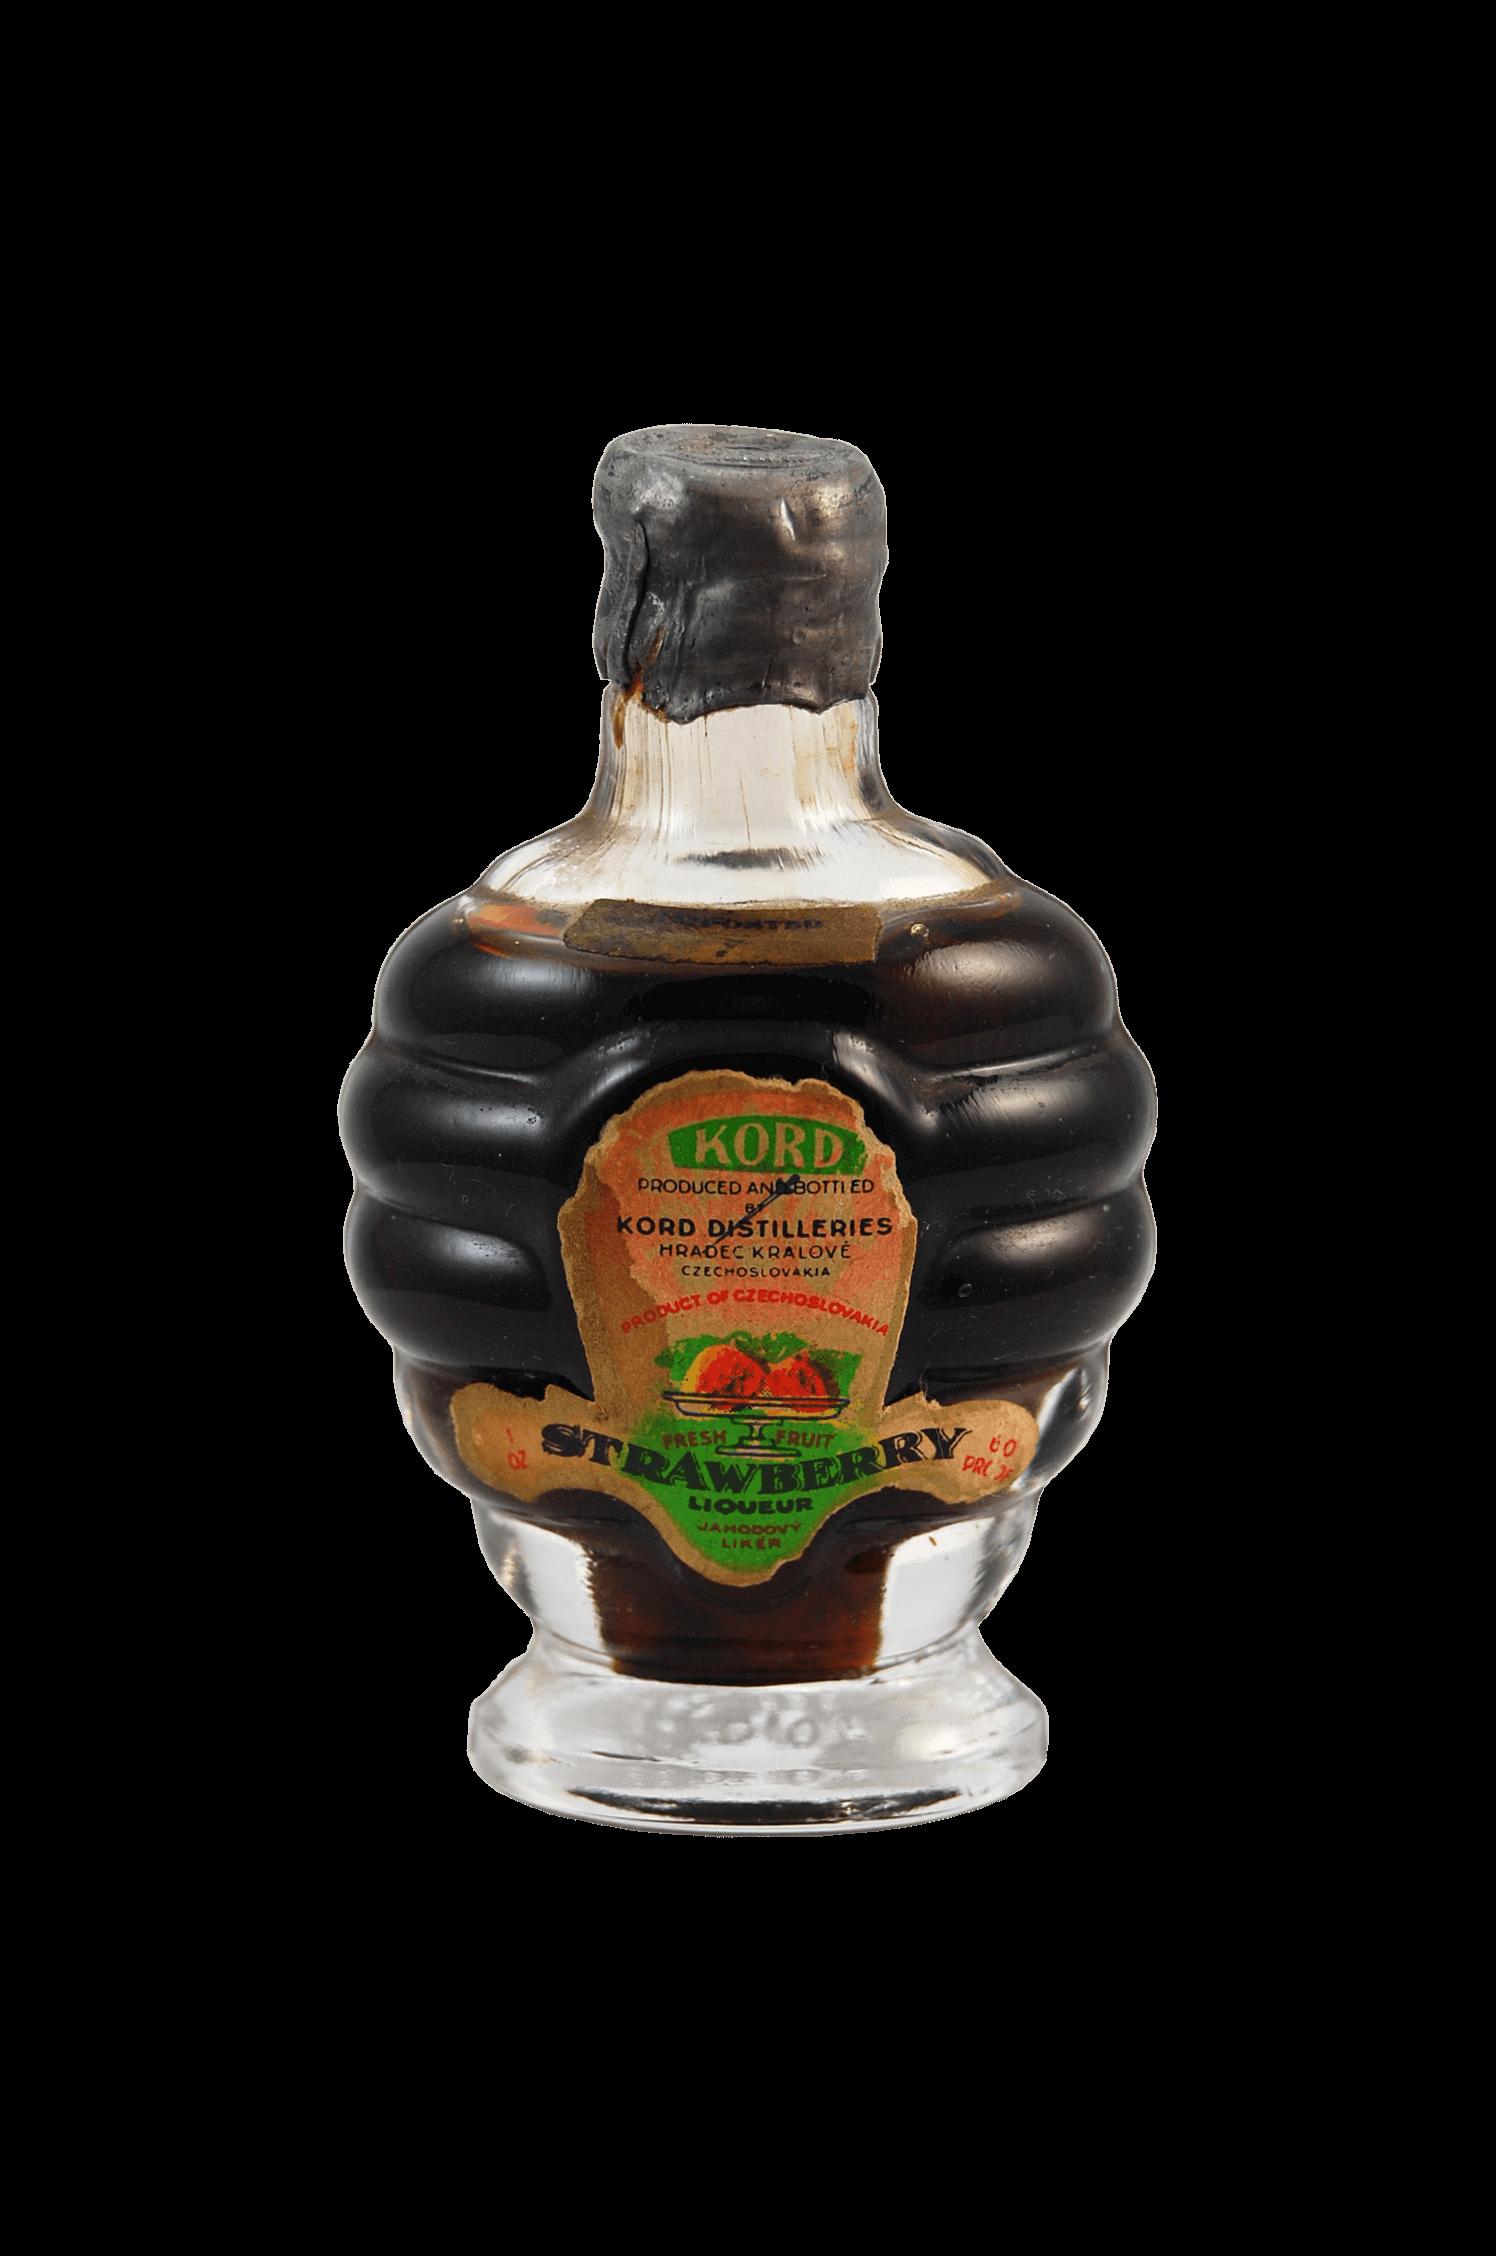 Kord Strawberry Jahodový likér